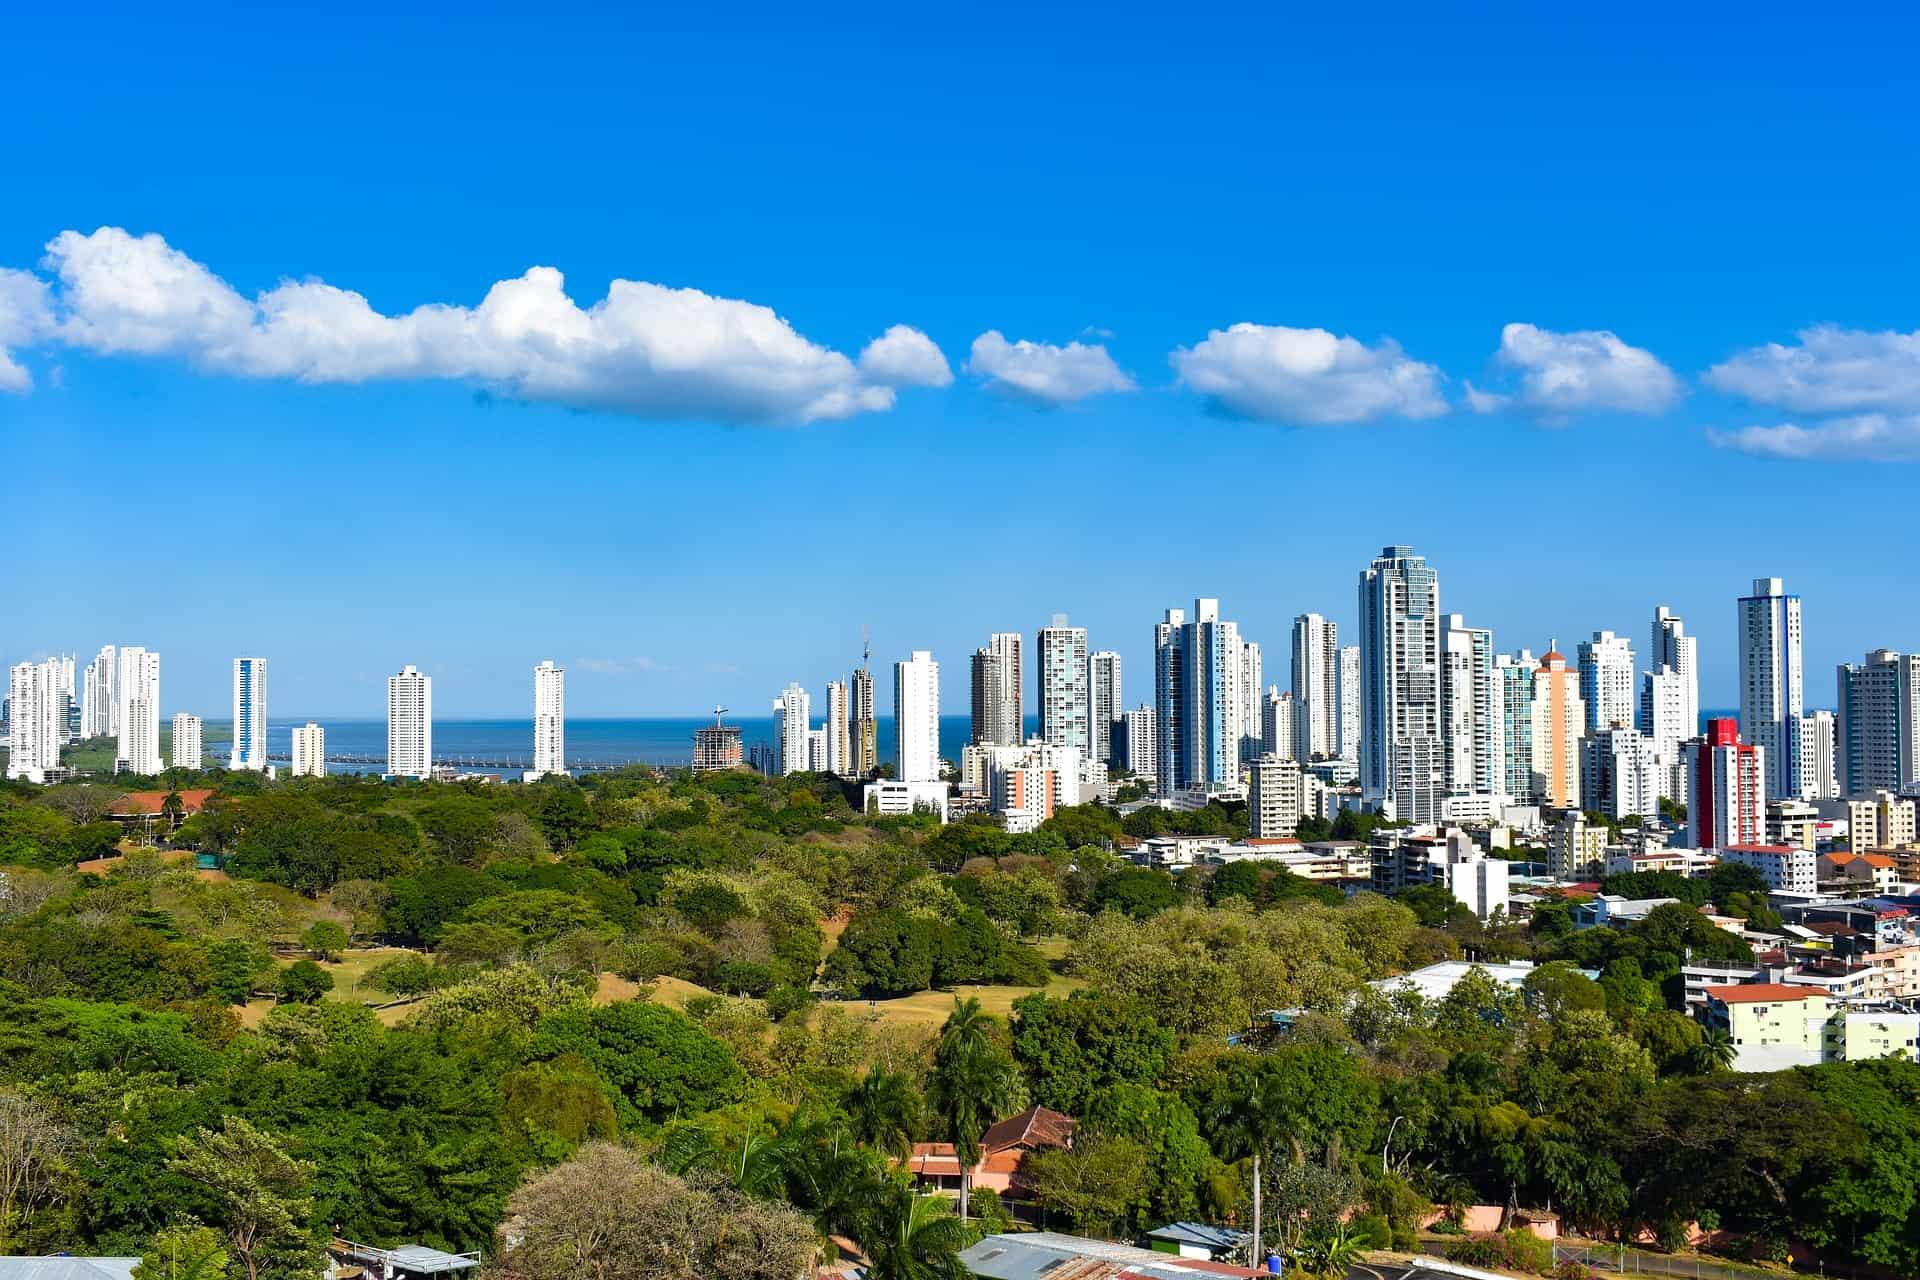 Eine moderne Stadt erwartet euch in zentral Amerika